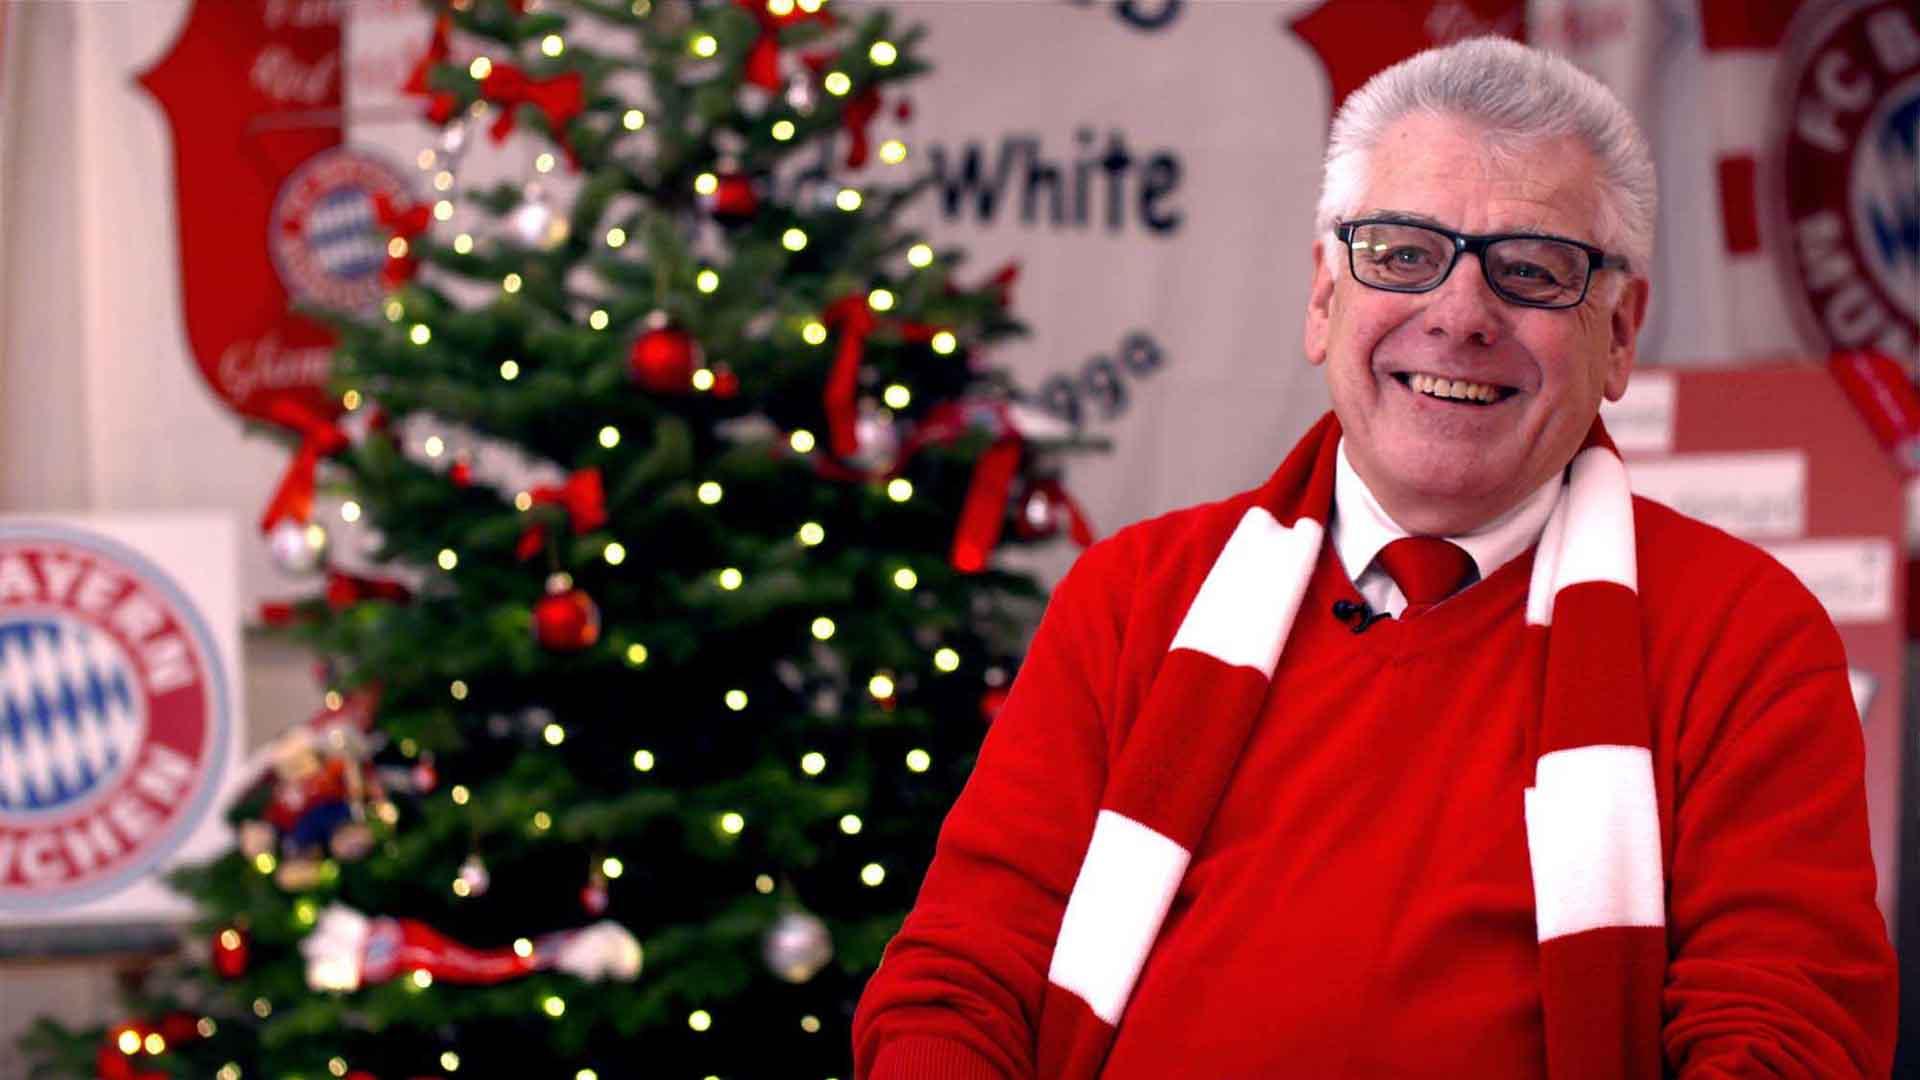 Das Bild zeigt einen Mann. Er sitzt vor einem geschmückten Tannenbaum. Um seinen Hals hängt ein rot-weißer Schal. Dieser ist ein Fanschal des FC Bayern Münchens. Er trägt außerdem einen roten Pullover und eine schwarze eckige Brille. Das Bild dient als Sliderbild für den Portfolioeintrag Audi | FC Bayern München Ehrenrunde von Panda Pictures.